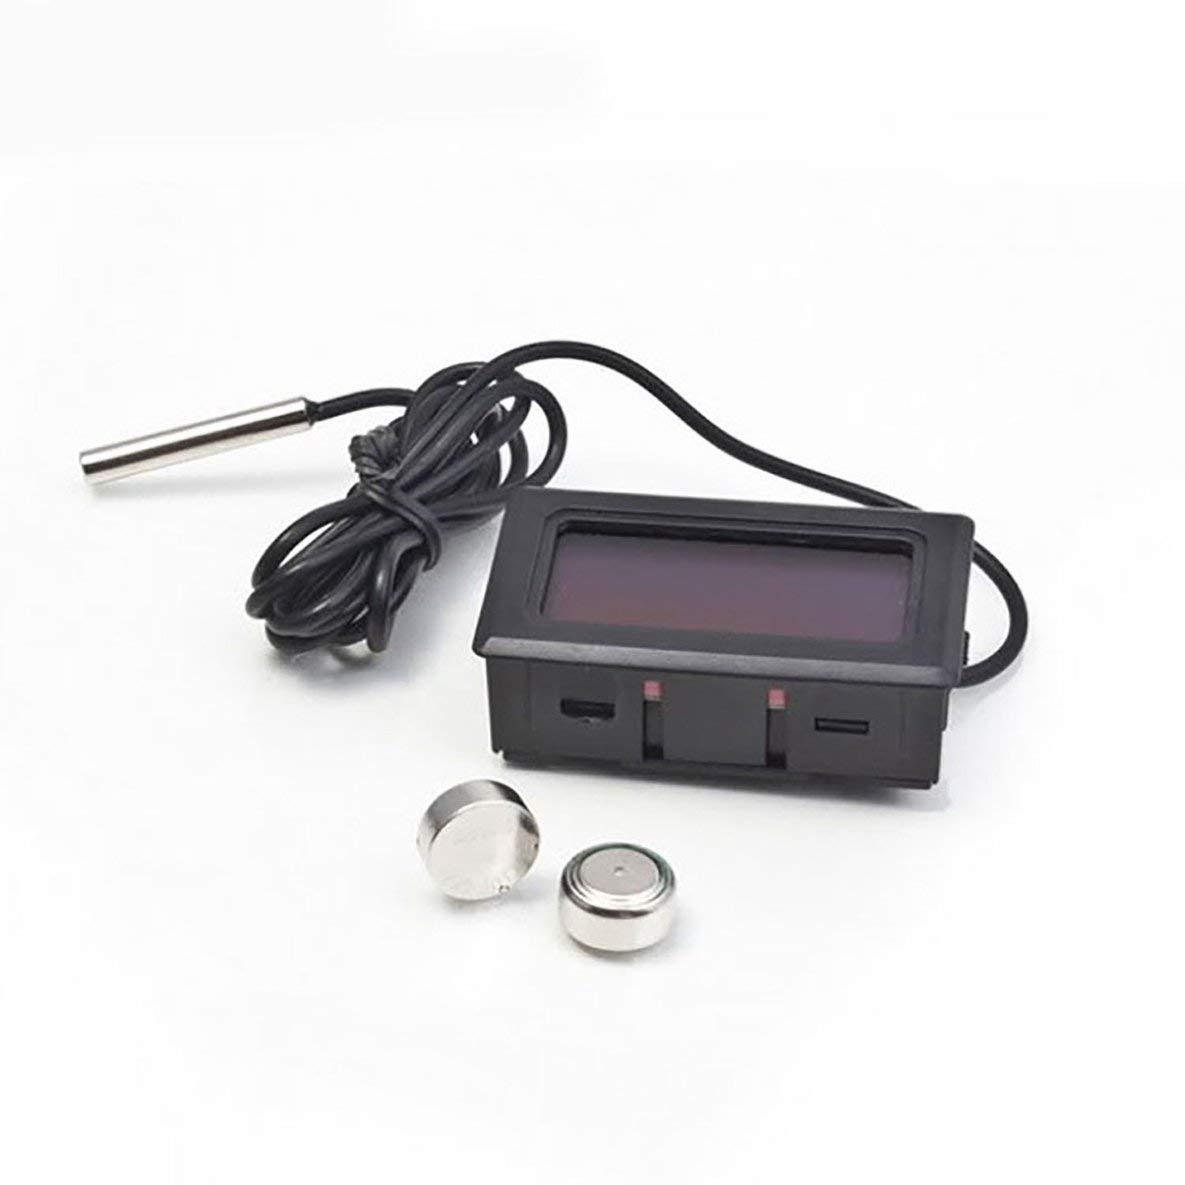 Noradtjcca Thermom/ètre De Voiture Ornements De Voiture Affichage LCD Horloge Num/érique Voiture-Styling Indicateur De Temp/érature Jauge pour Fish Tank R/éfrig/érateur